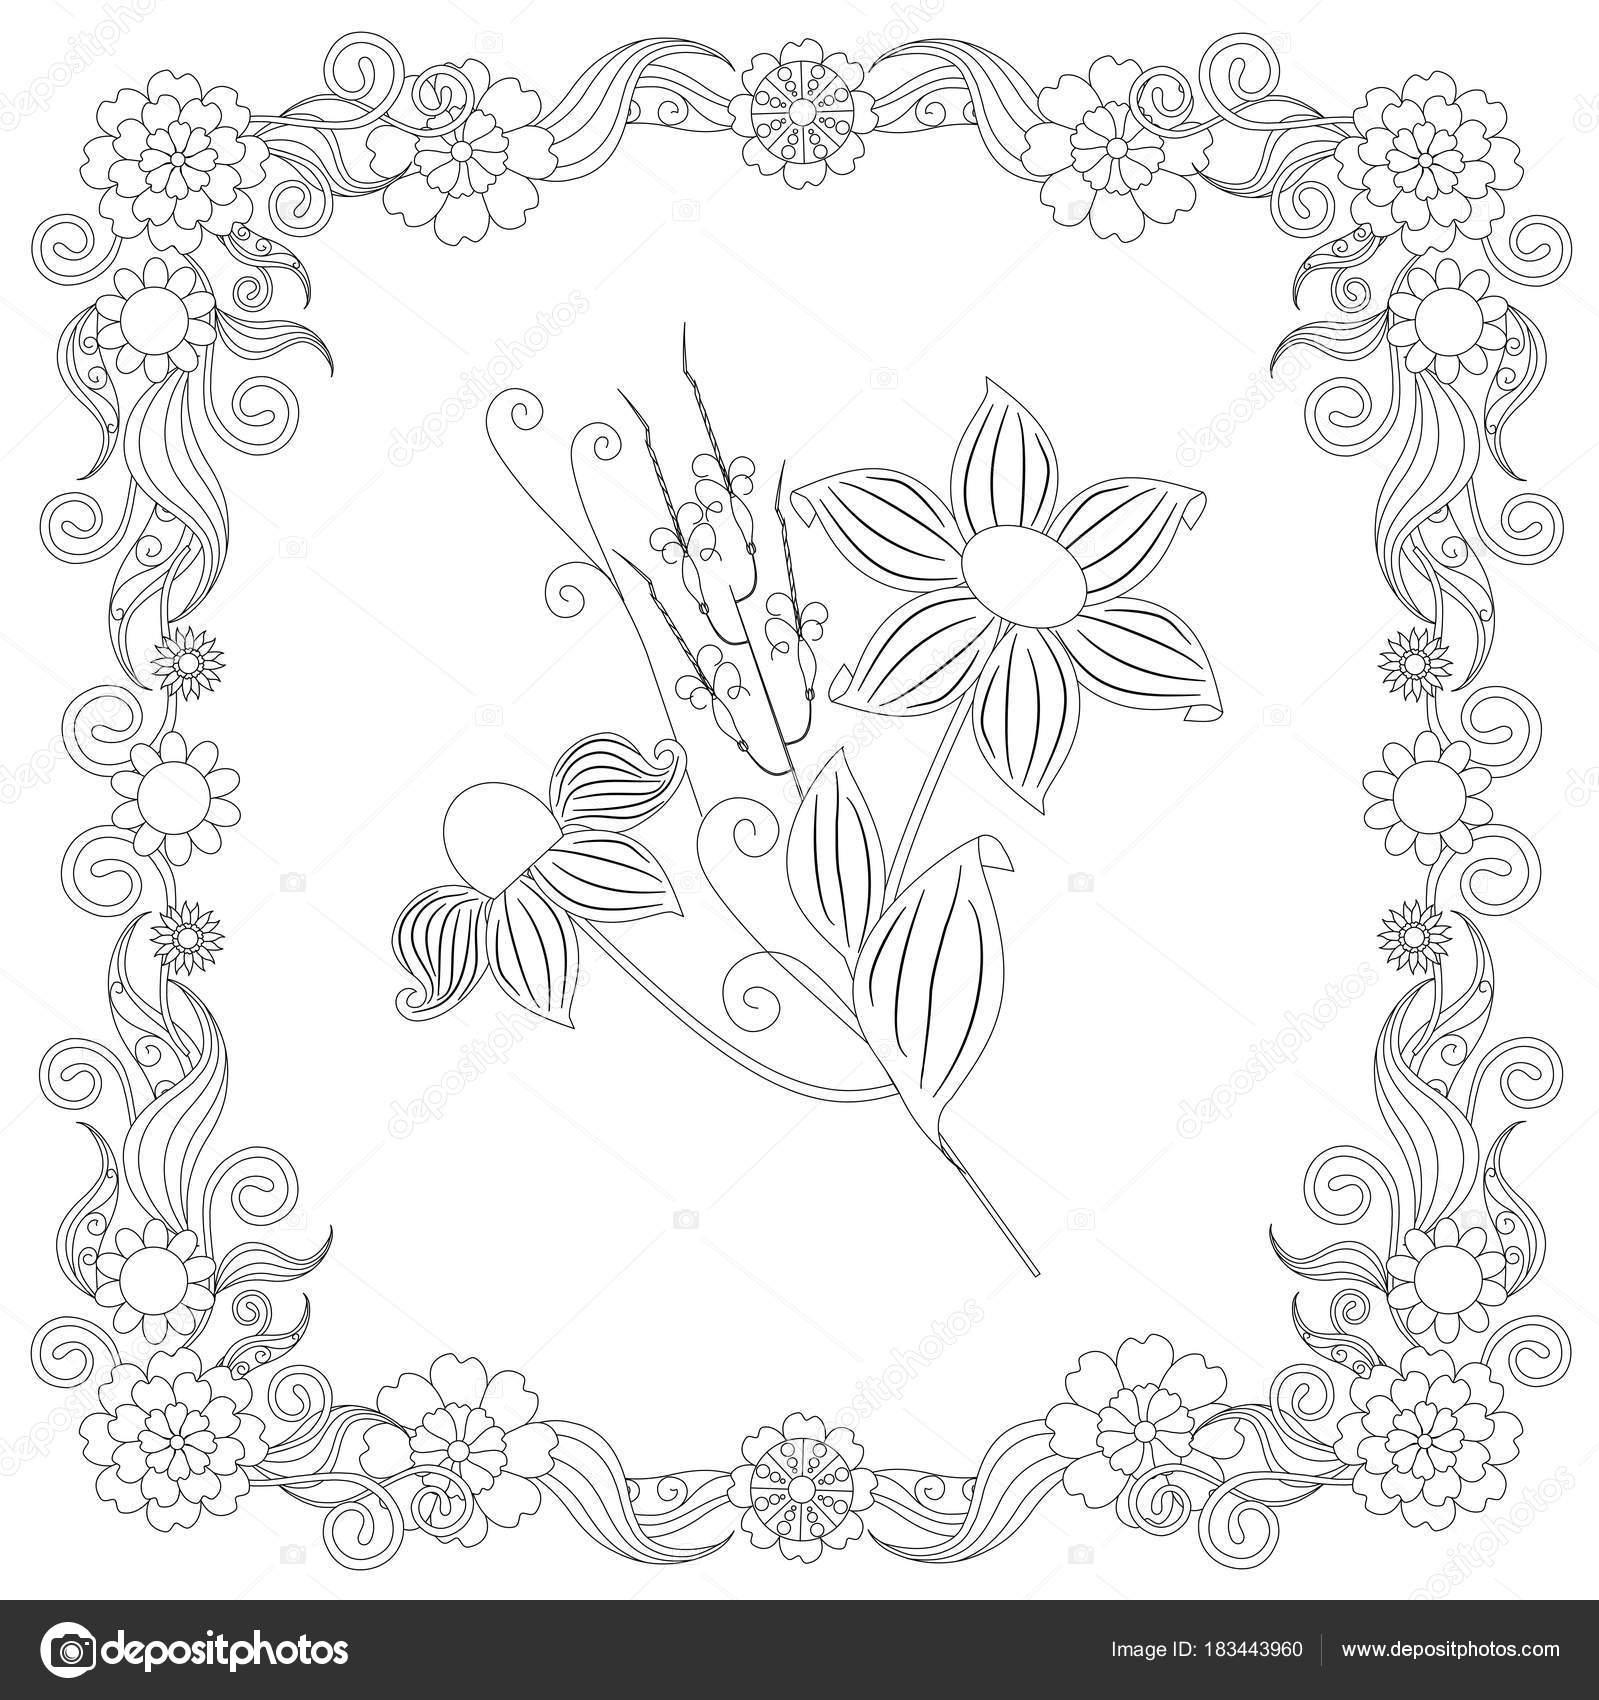 Monochrom Doodle Handgezeichnete Blumen Rahmen Stress Lager Vektor ...